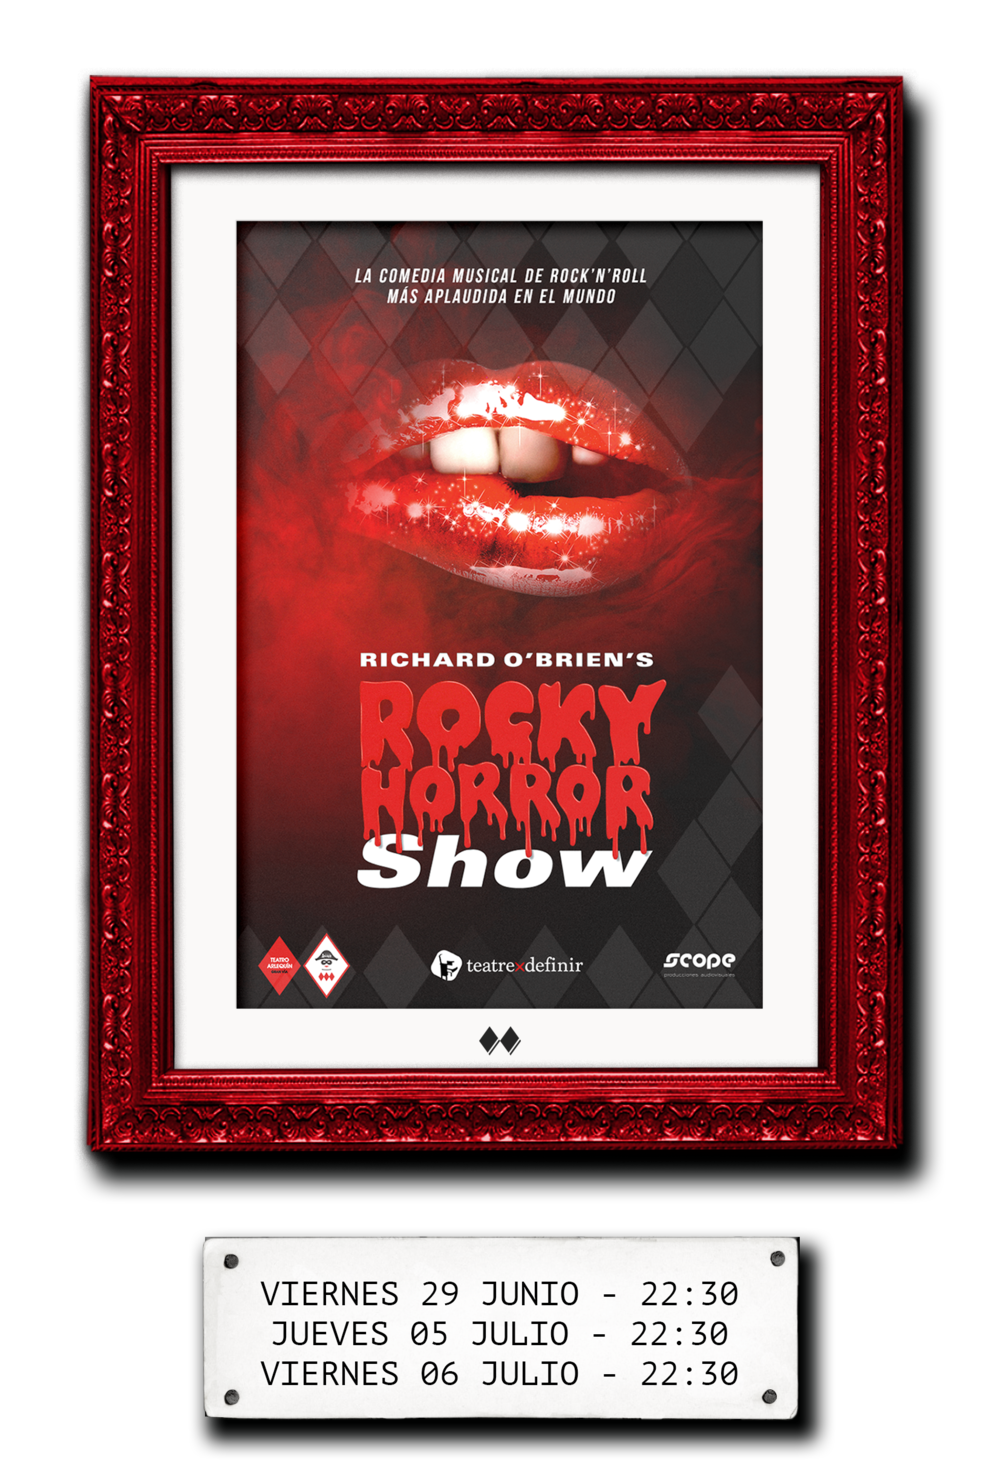 cuadro-rocky-horror-show-musical-madrid-teatro-arlequin-gran-via-comprar-entradas.png